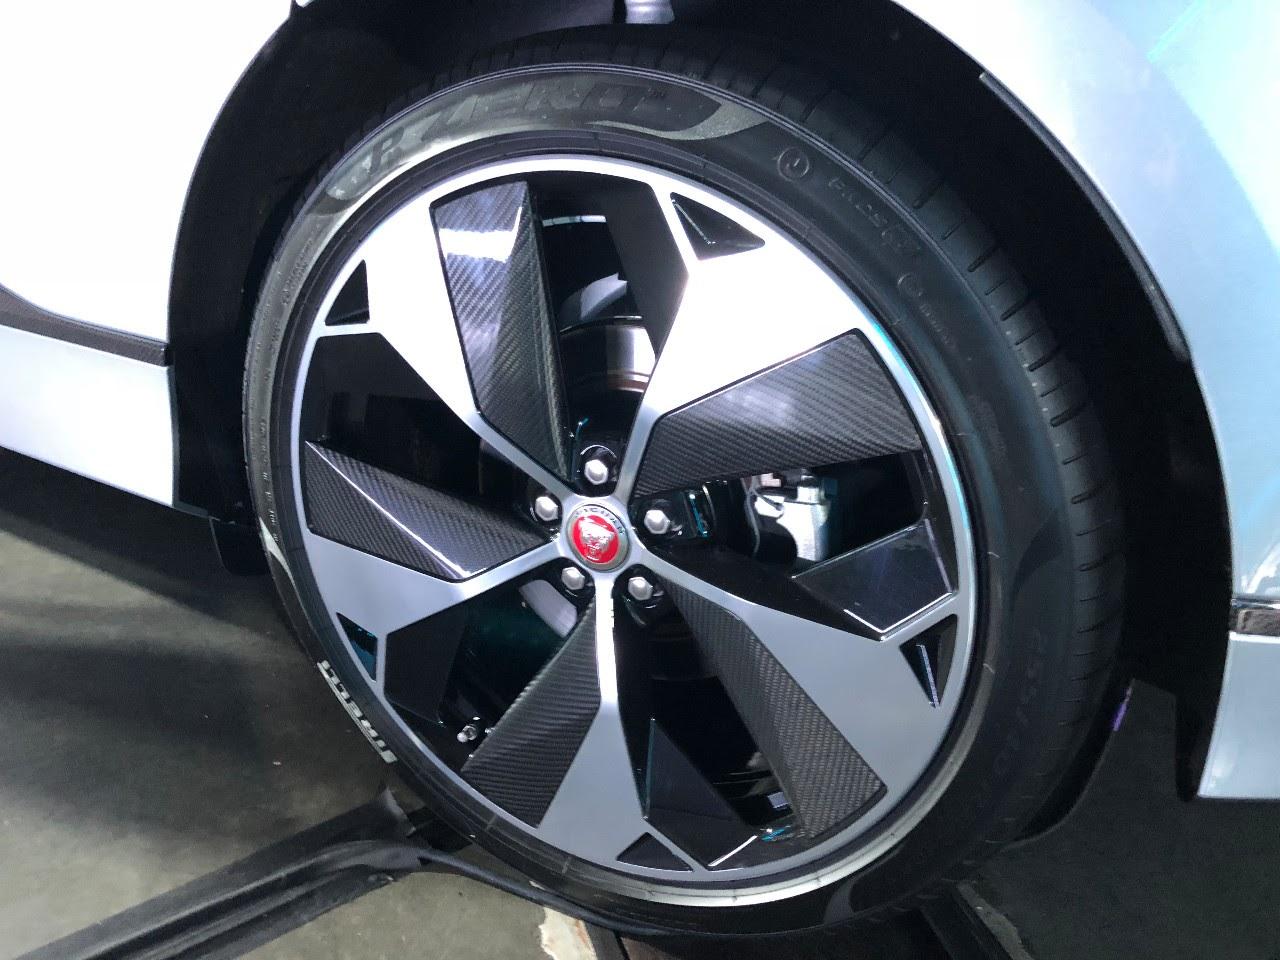 Automotive - PuristSPro Reviews The New Jaguar I-Pace EV400